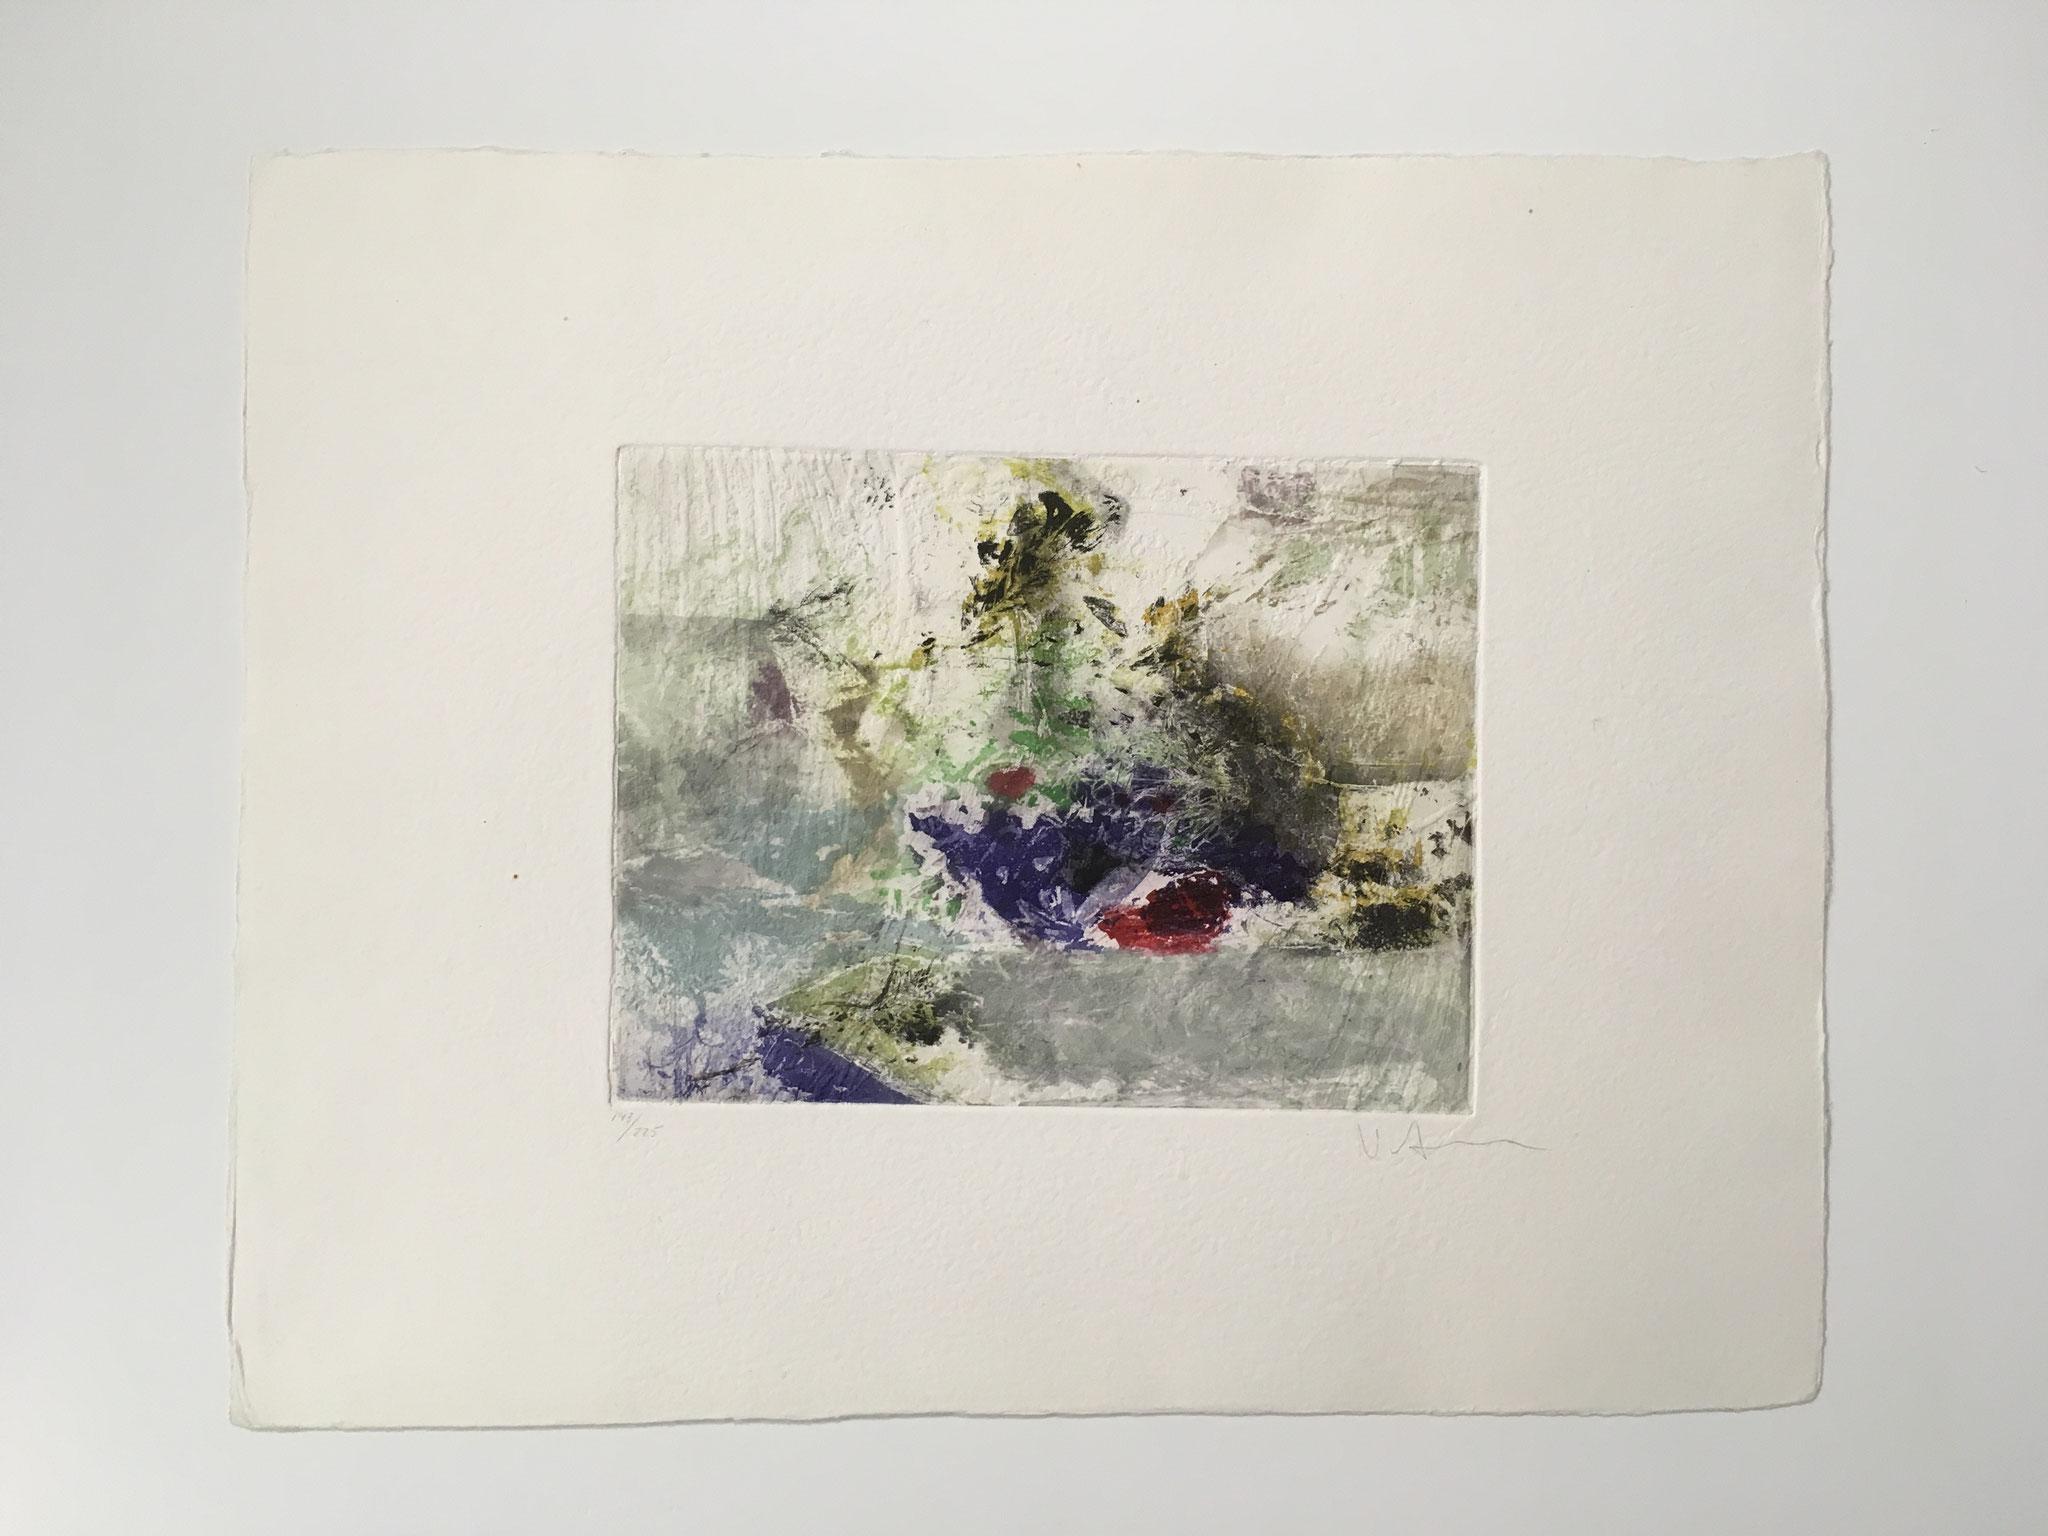 Künstler unbekannt, Original Radierung auf handgeschöpftem Büttenpapier ungerahmt Größe: 59,0 x 47,0cm € 325,-